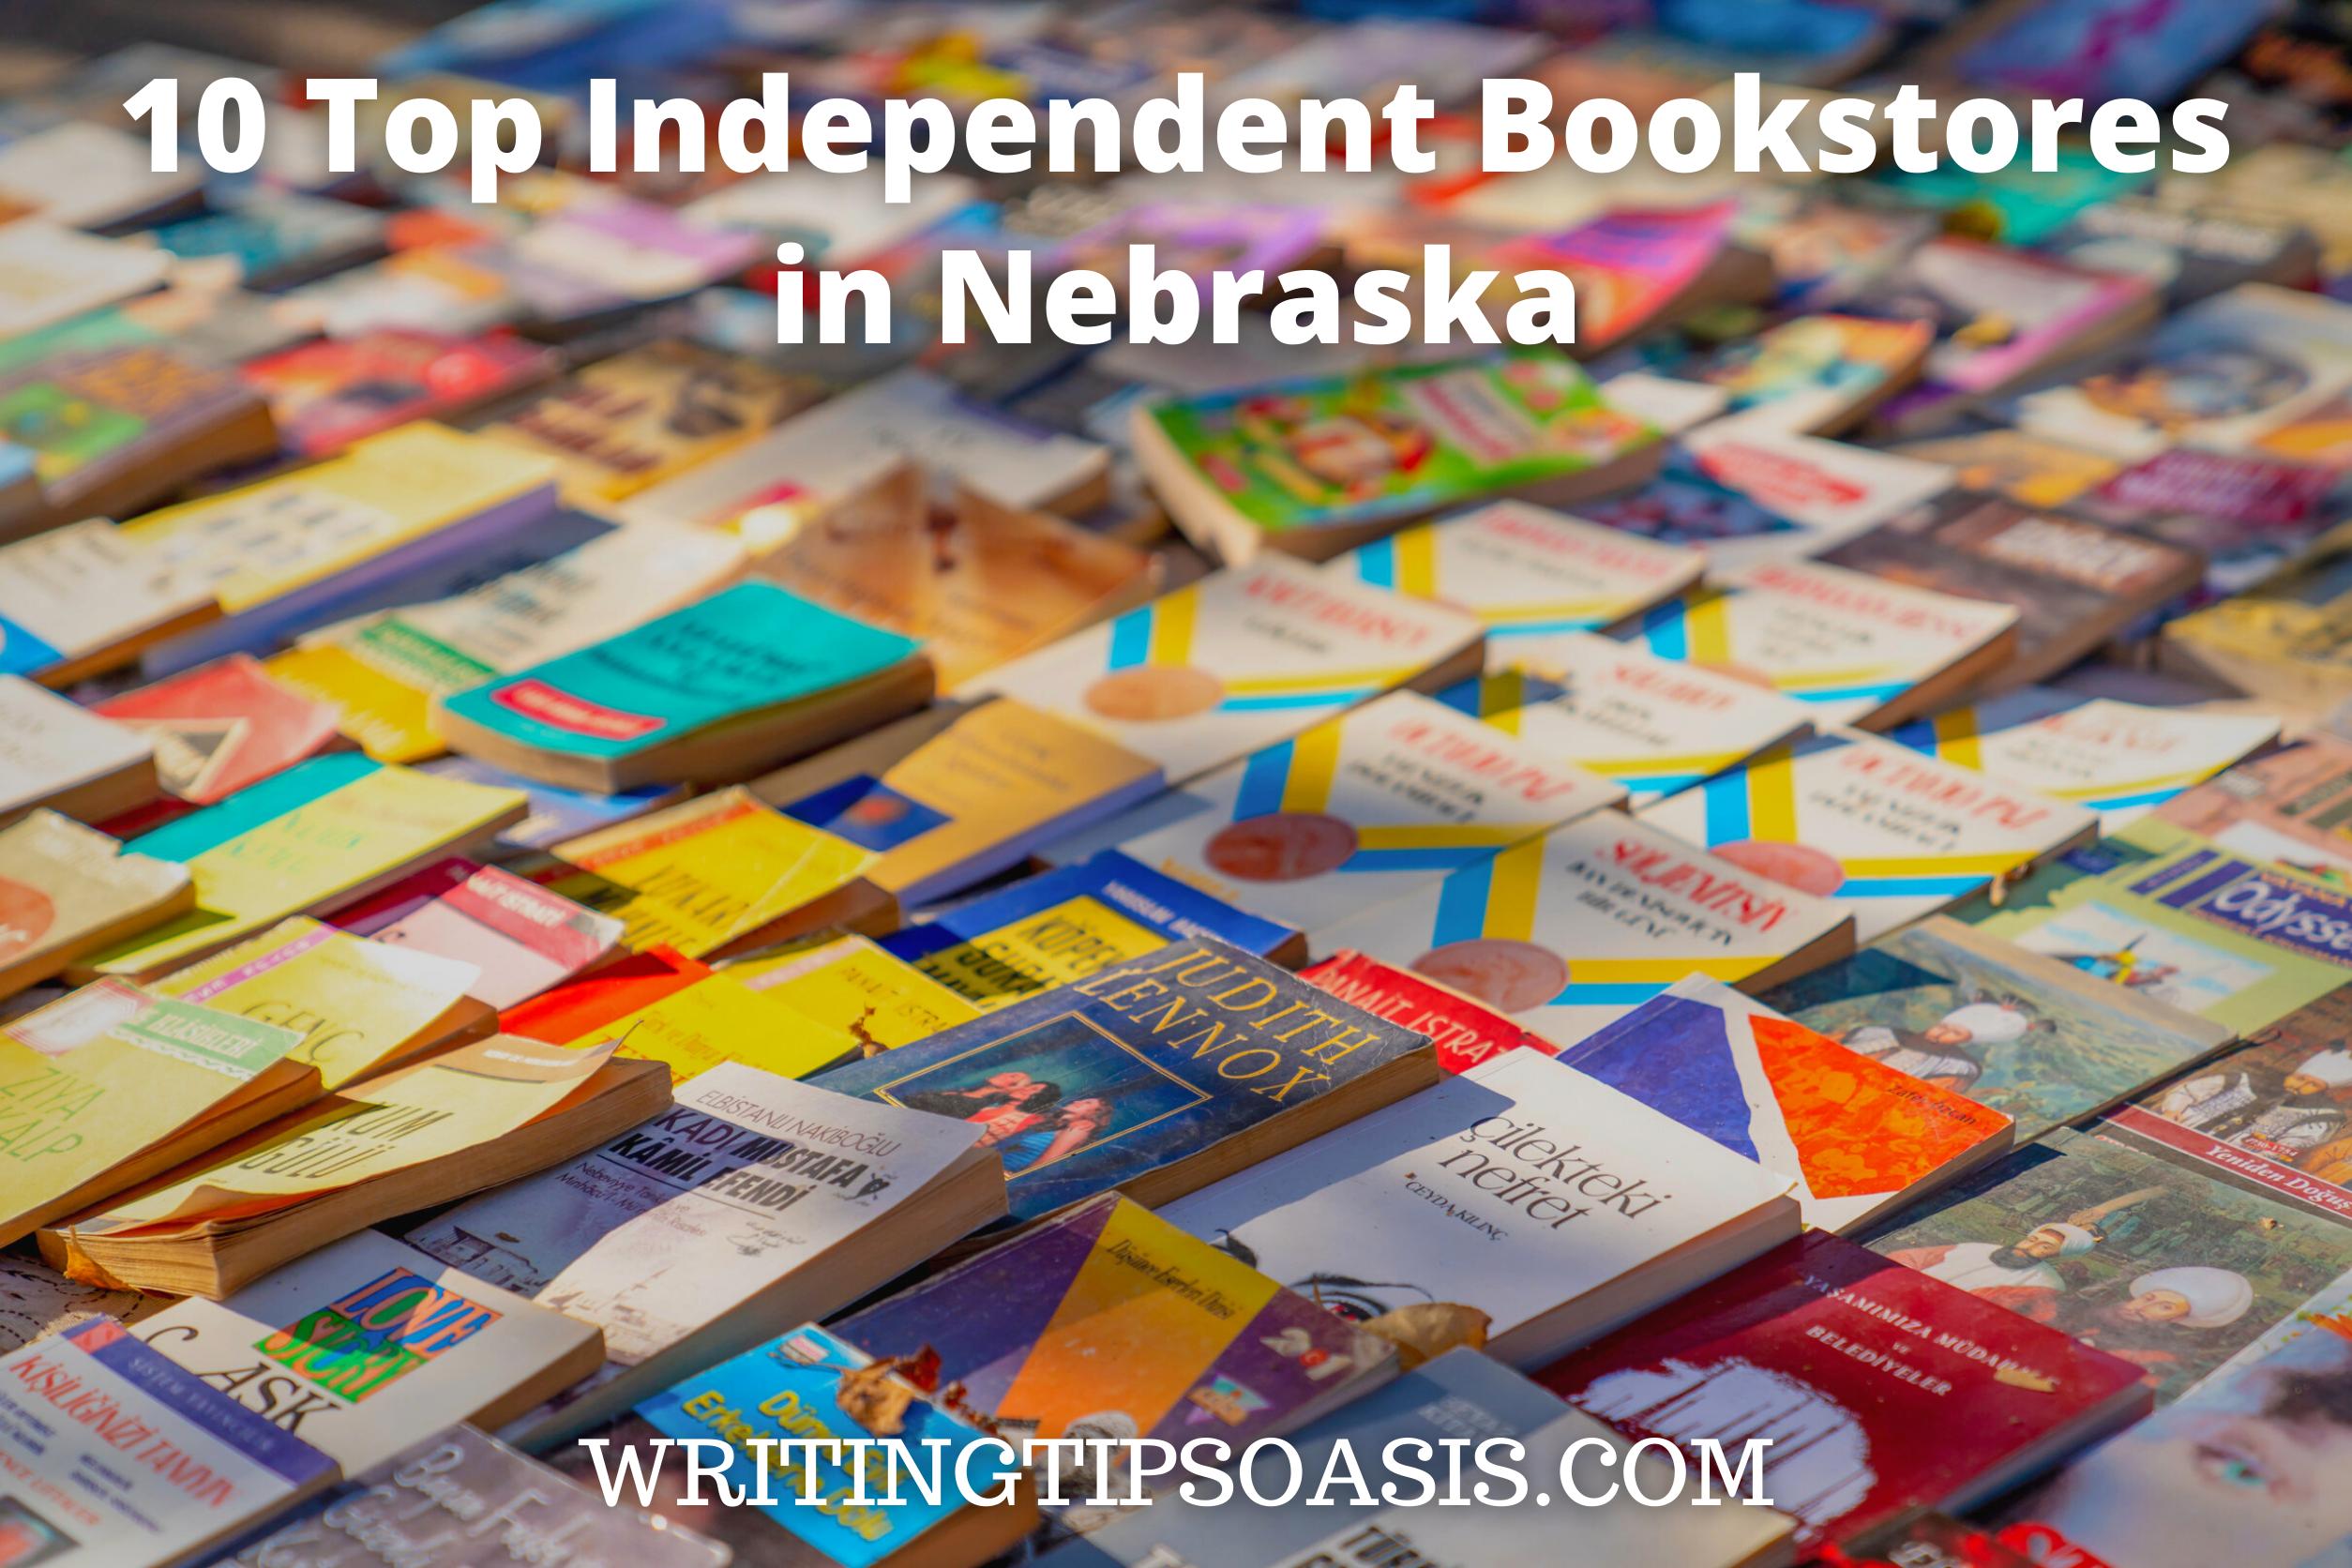 independent bookstores in Nebraska